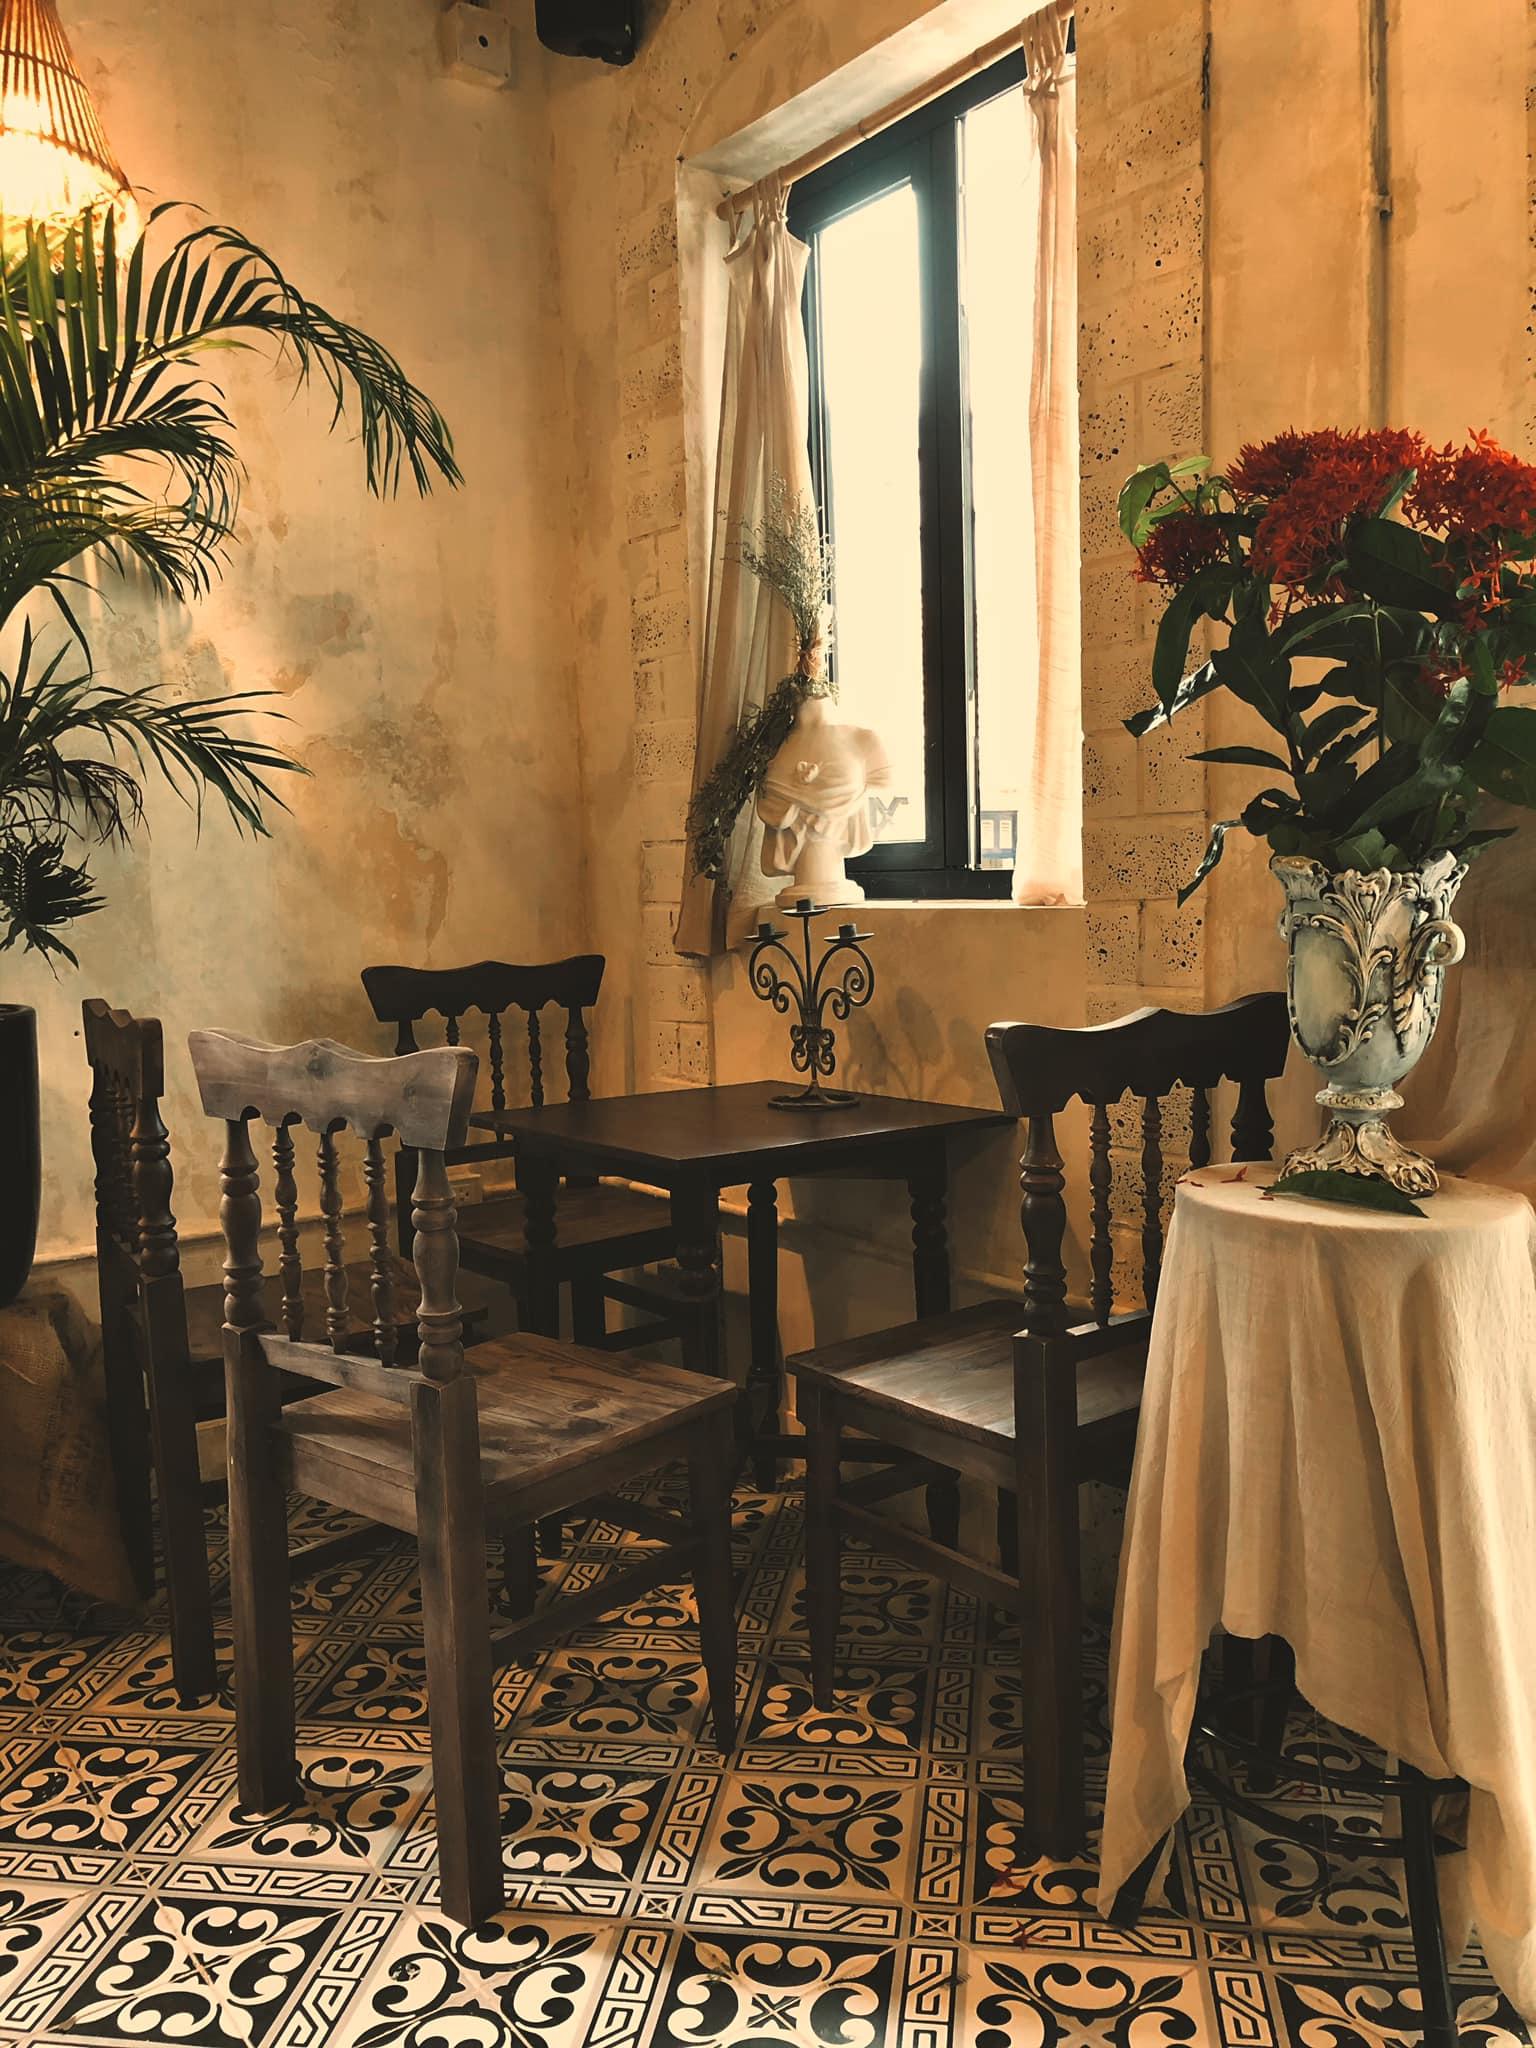 Dịp Tết Dương lịch, ghé thăm những quán cà phê mang phong cách cổ xưa tại Hà Nội  - Ảnh 1.